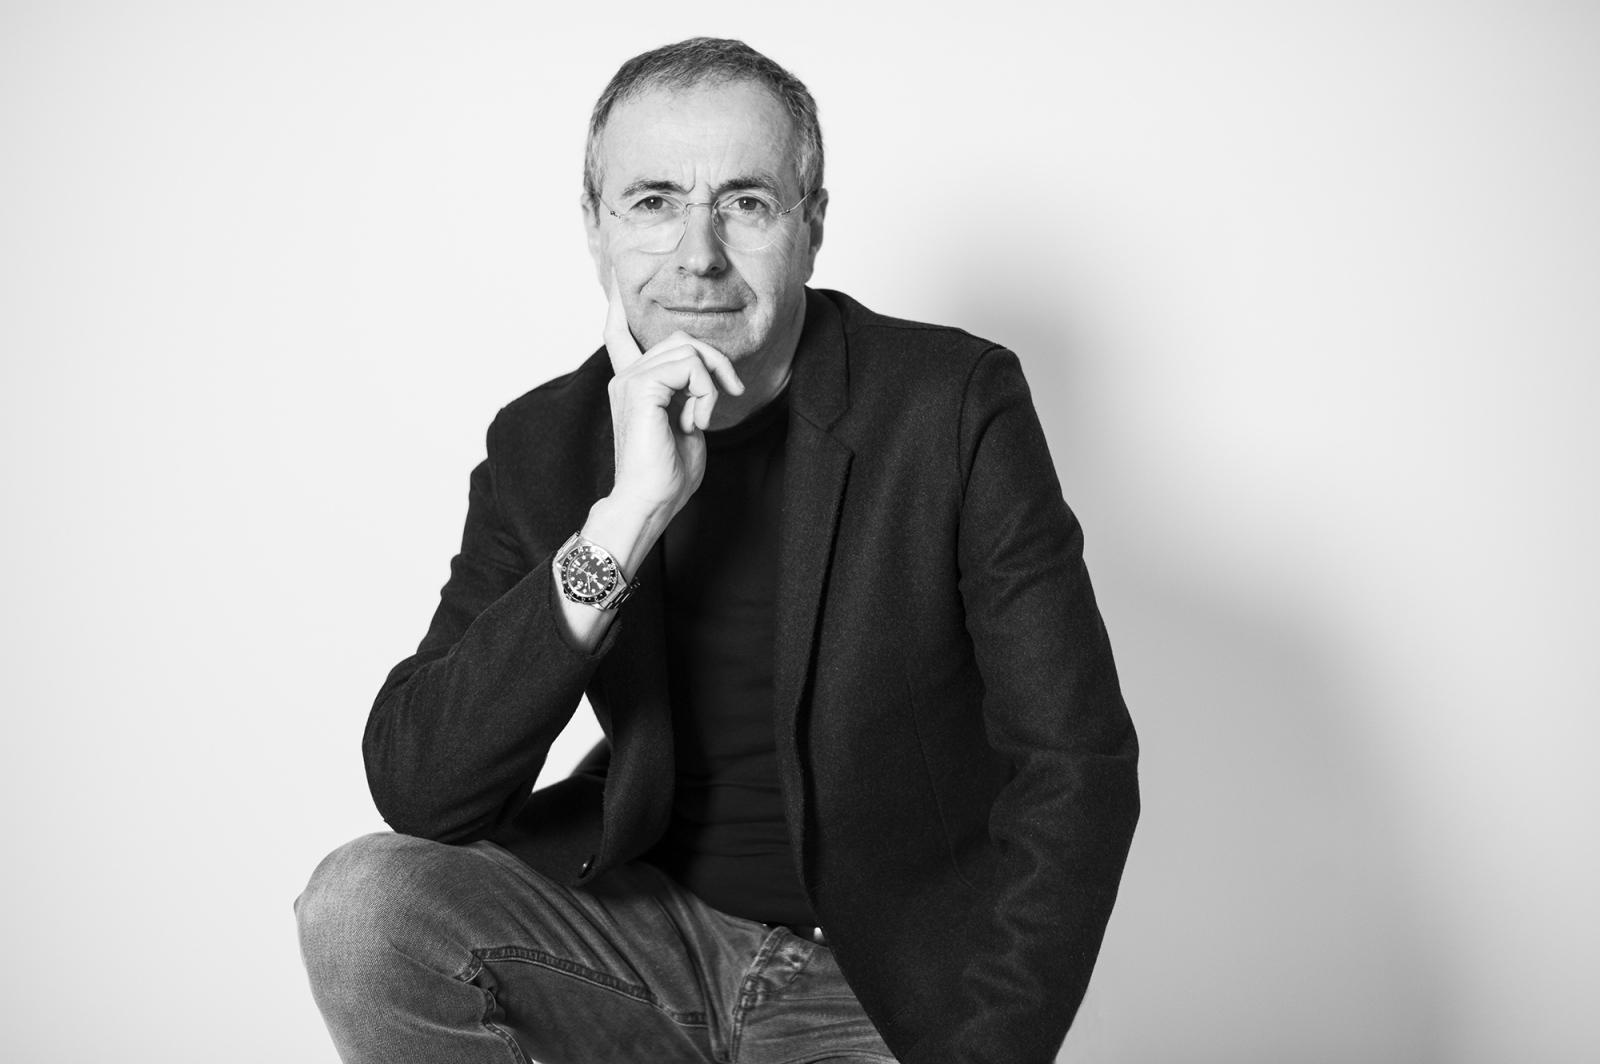 Portrait for the plastic surgeon Marcello Cardini